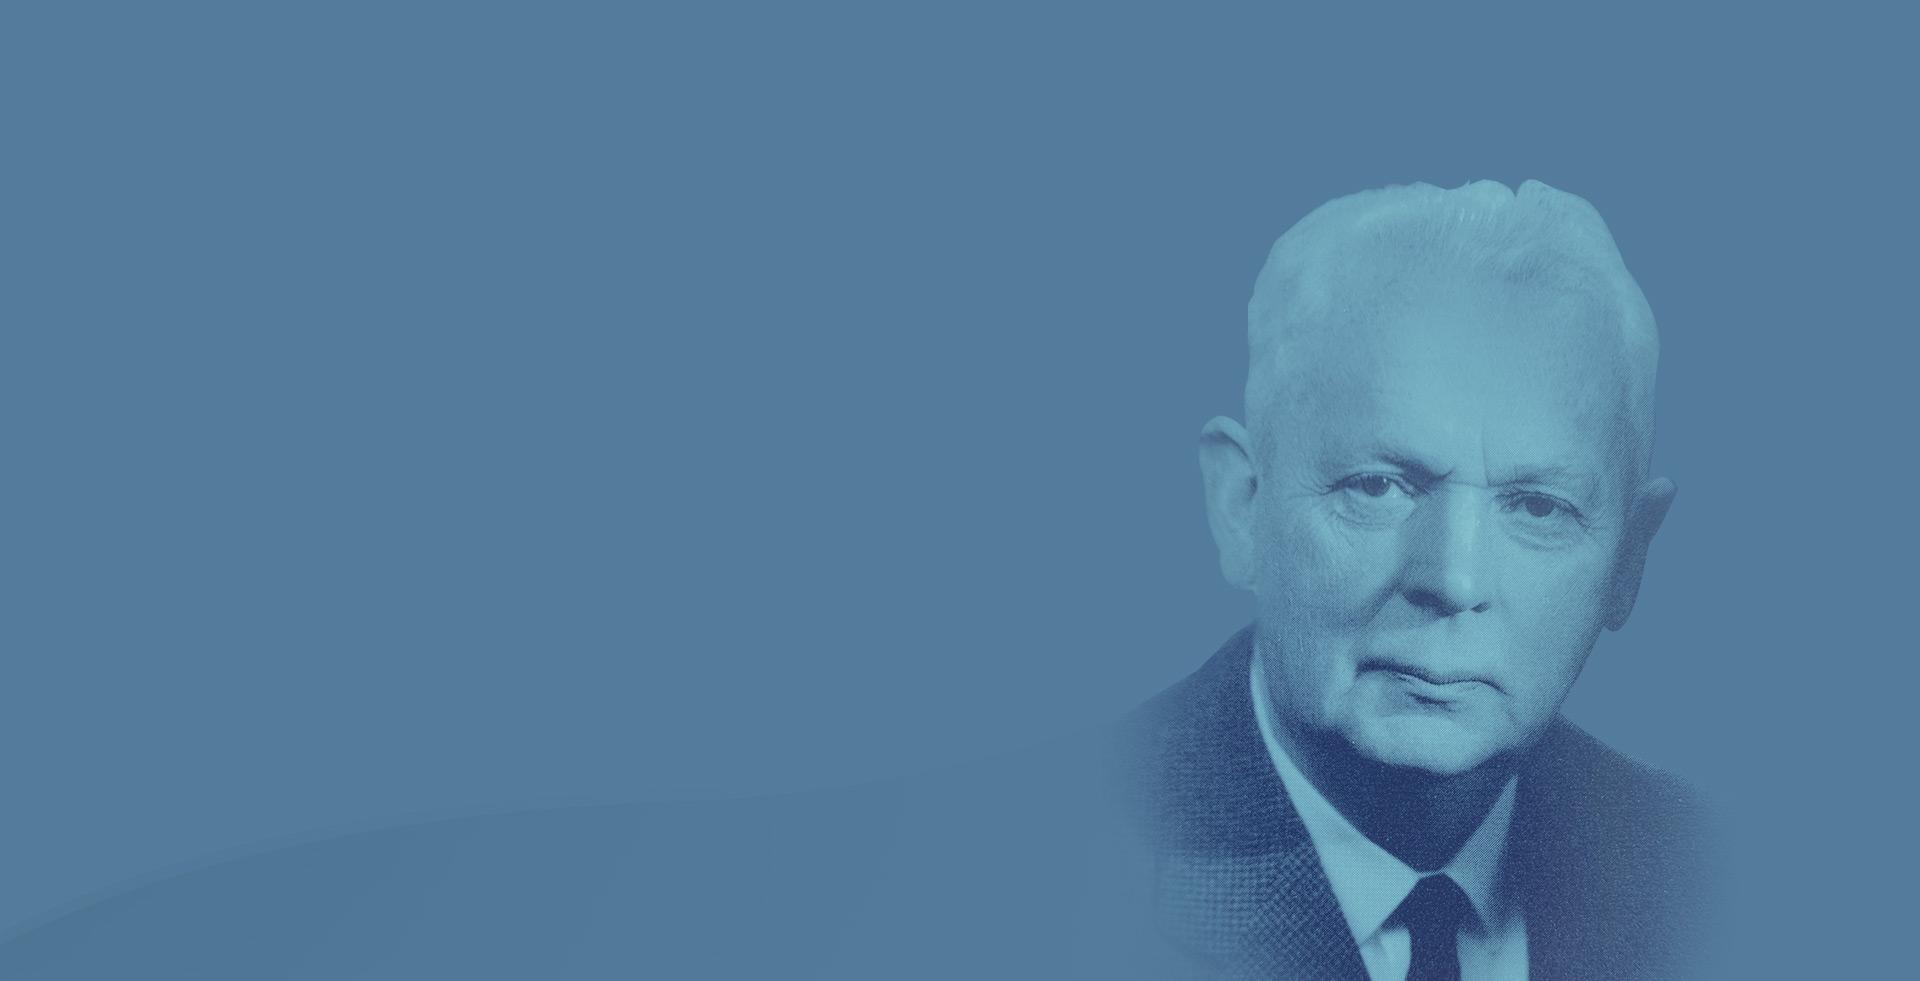 Direktör Albert påhlssons Stiftelse